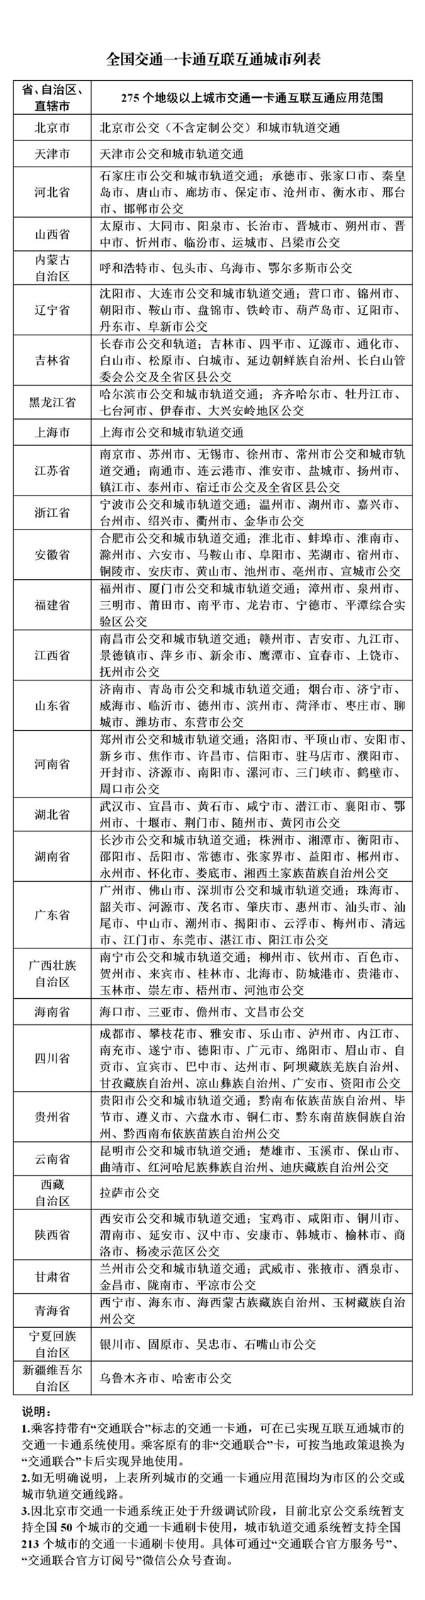 北京公交支持手机闪付乘车 但我还是更期待Apple Pay交通卡